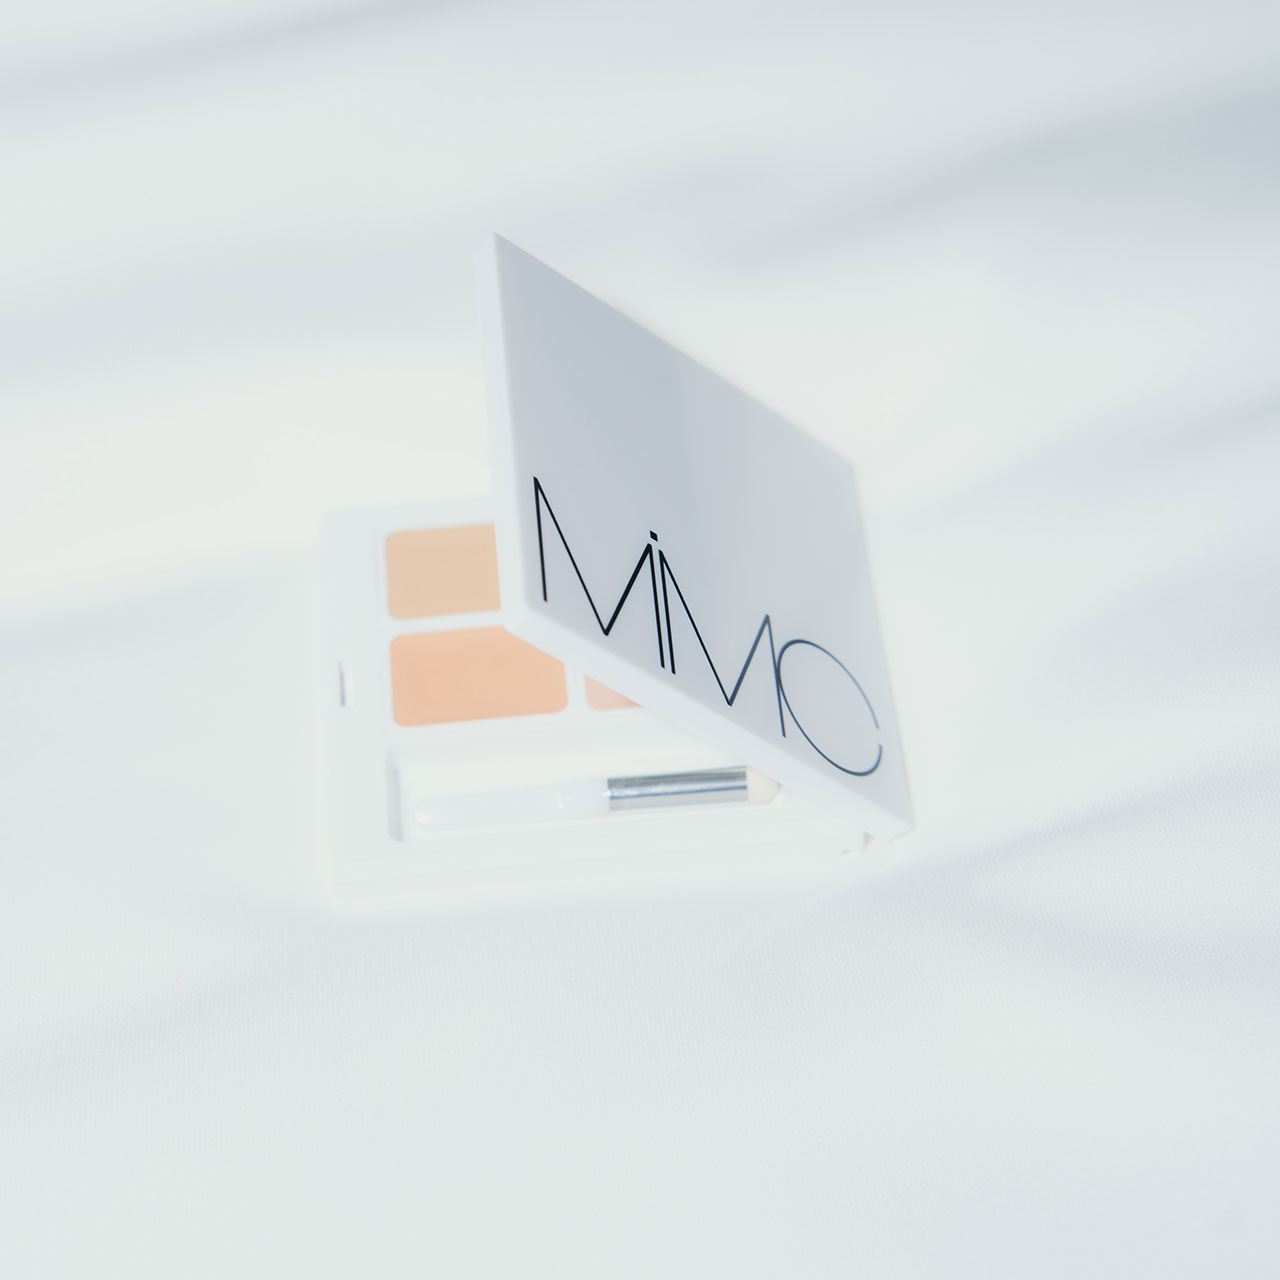 MiMC ナチュラルホワイトニングコンシーラー SPF32 PA++ (医薬部外品) ¥5,500